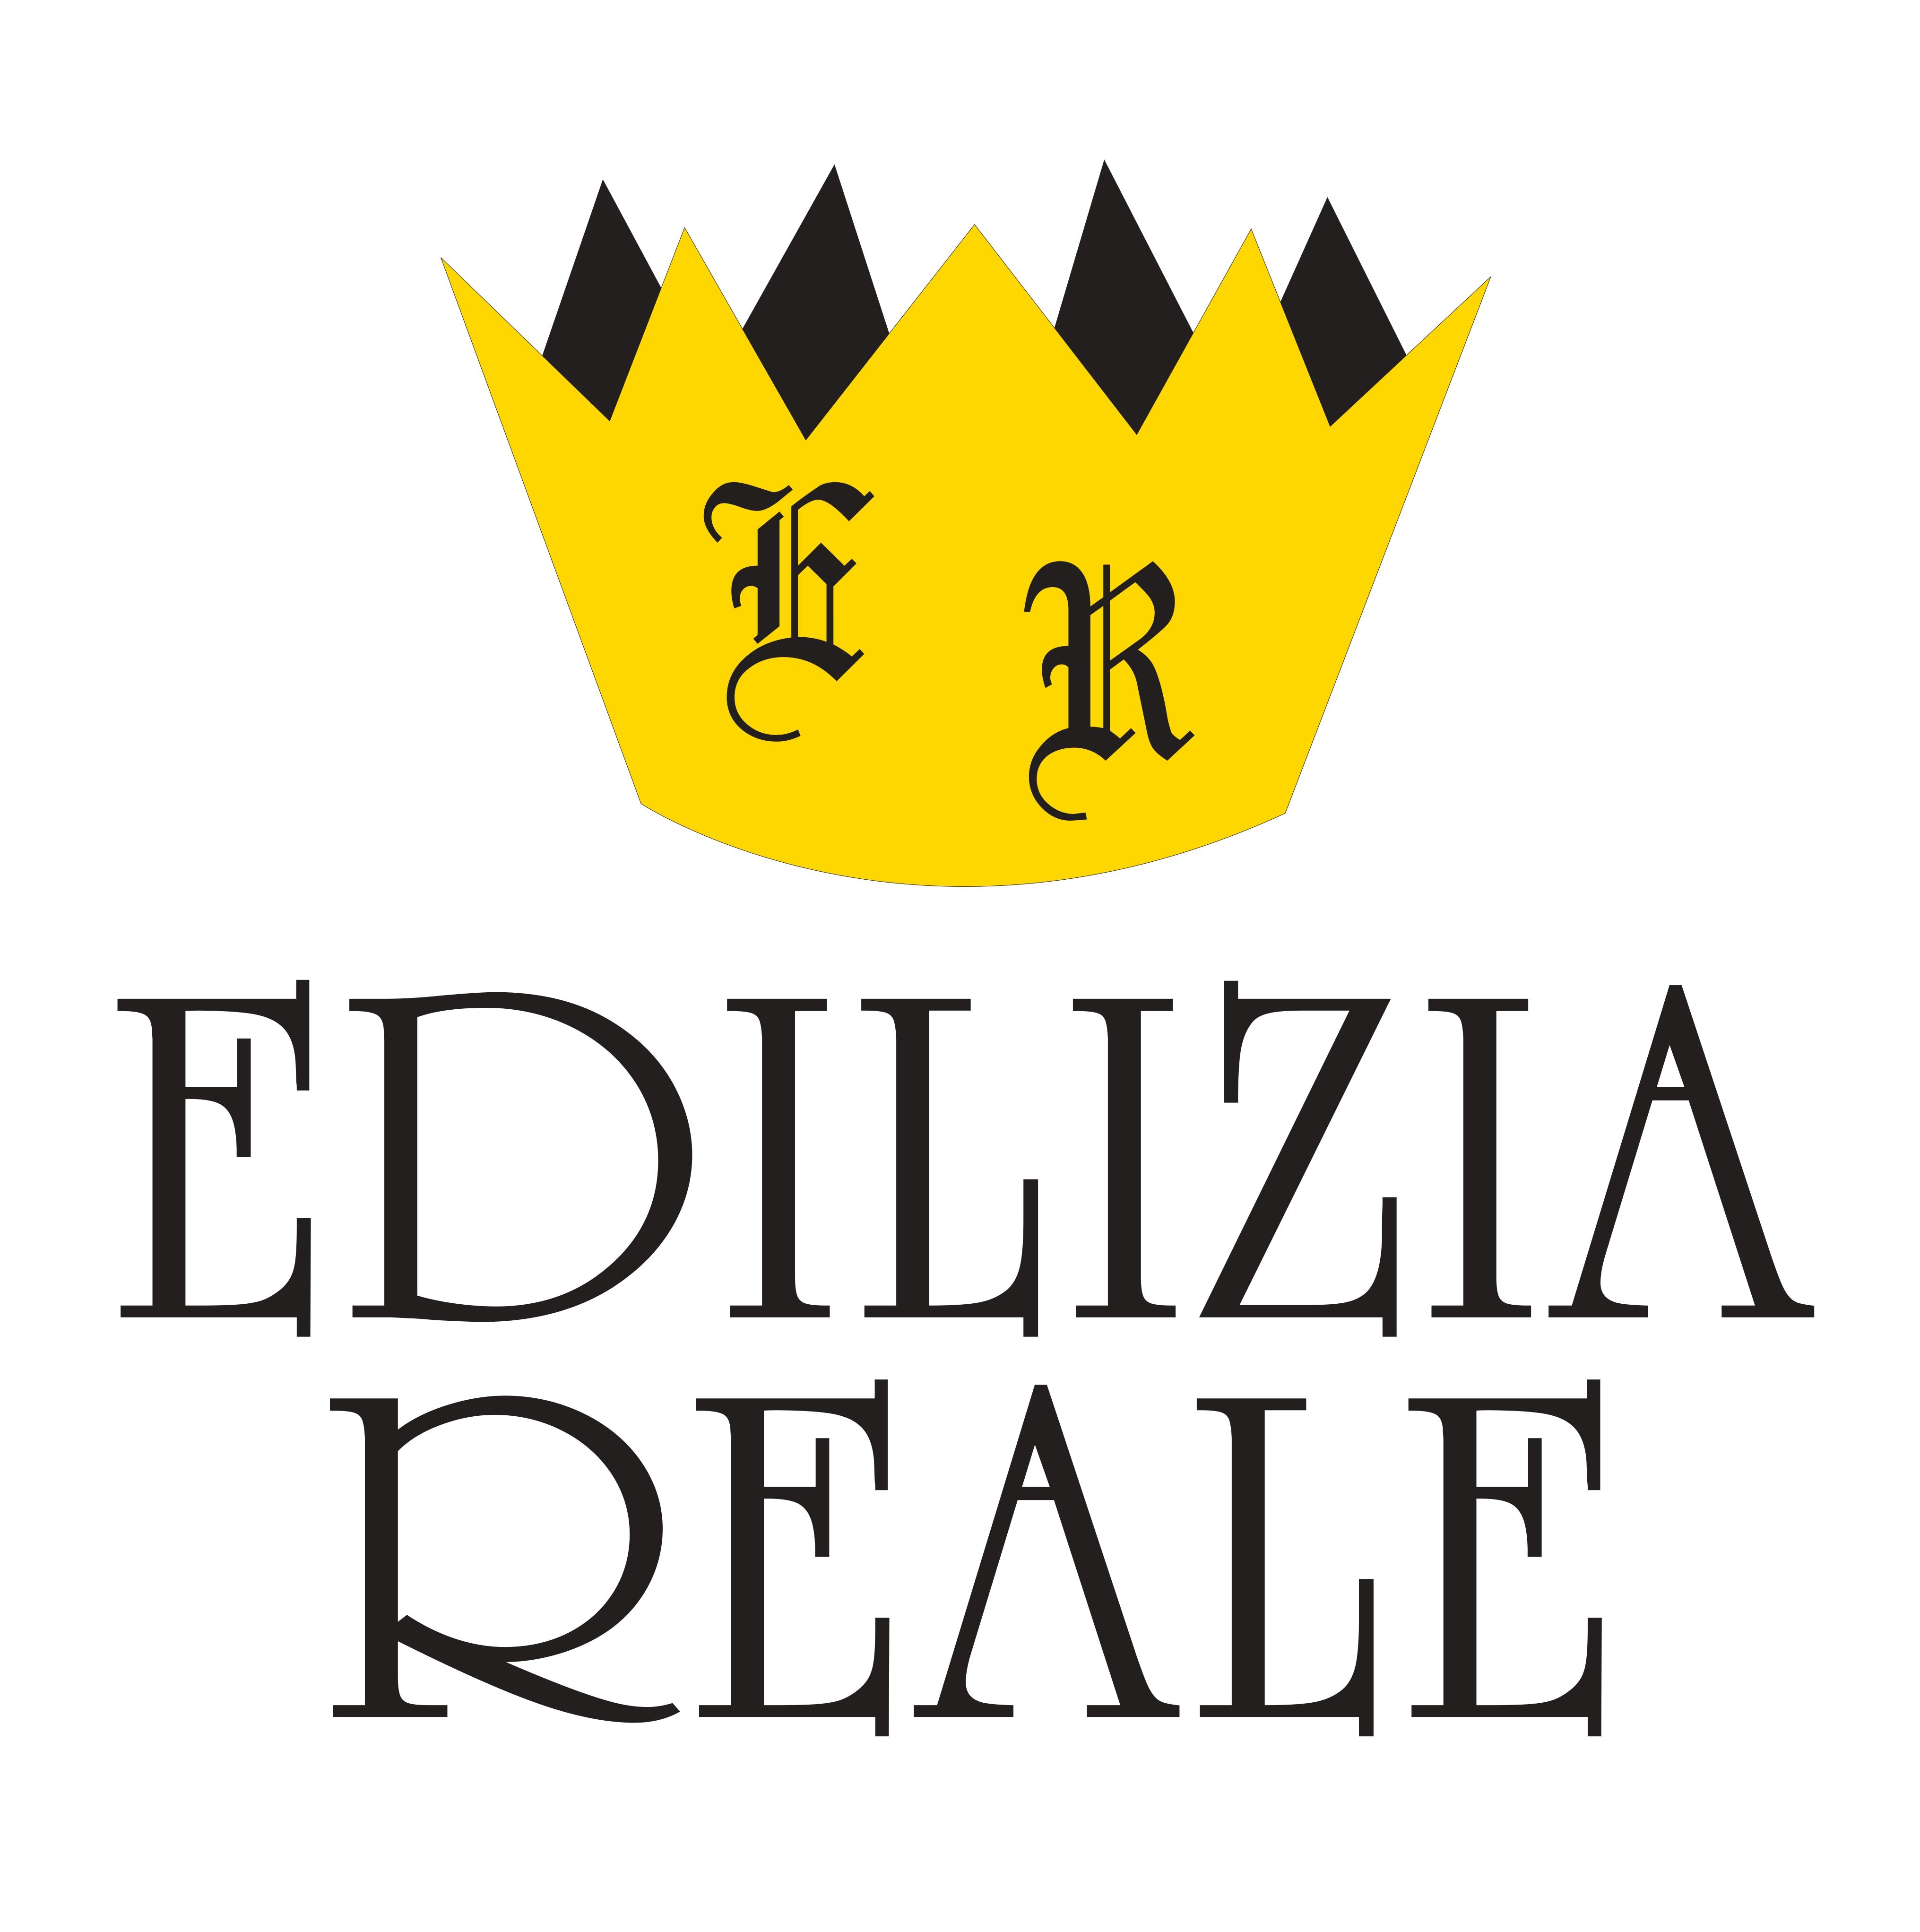 Noleggio EDILIZIA REALE